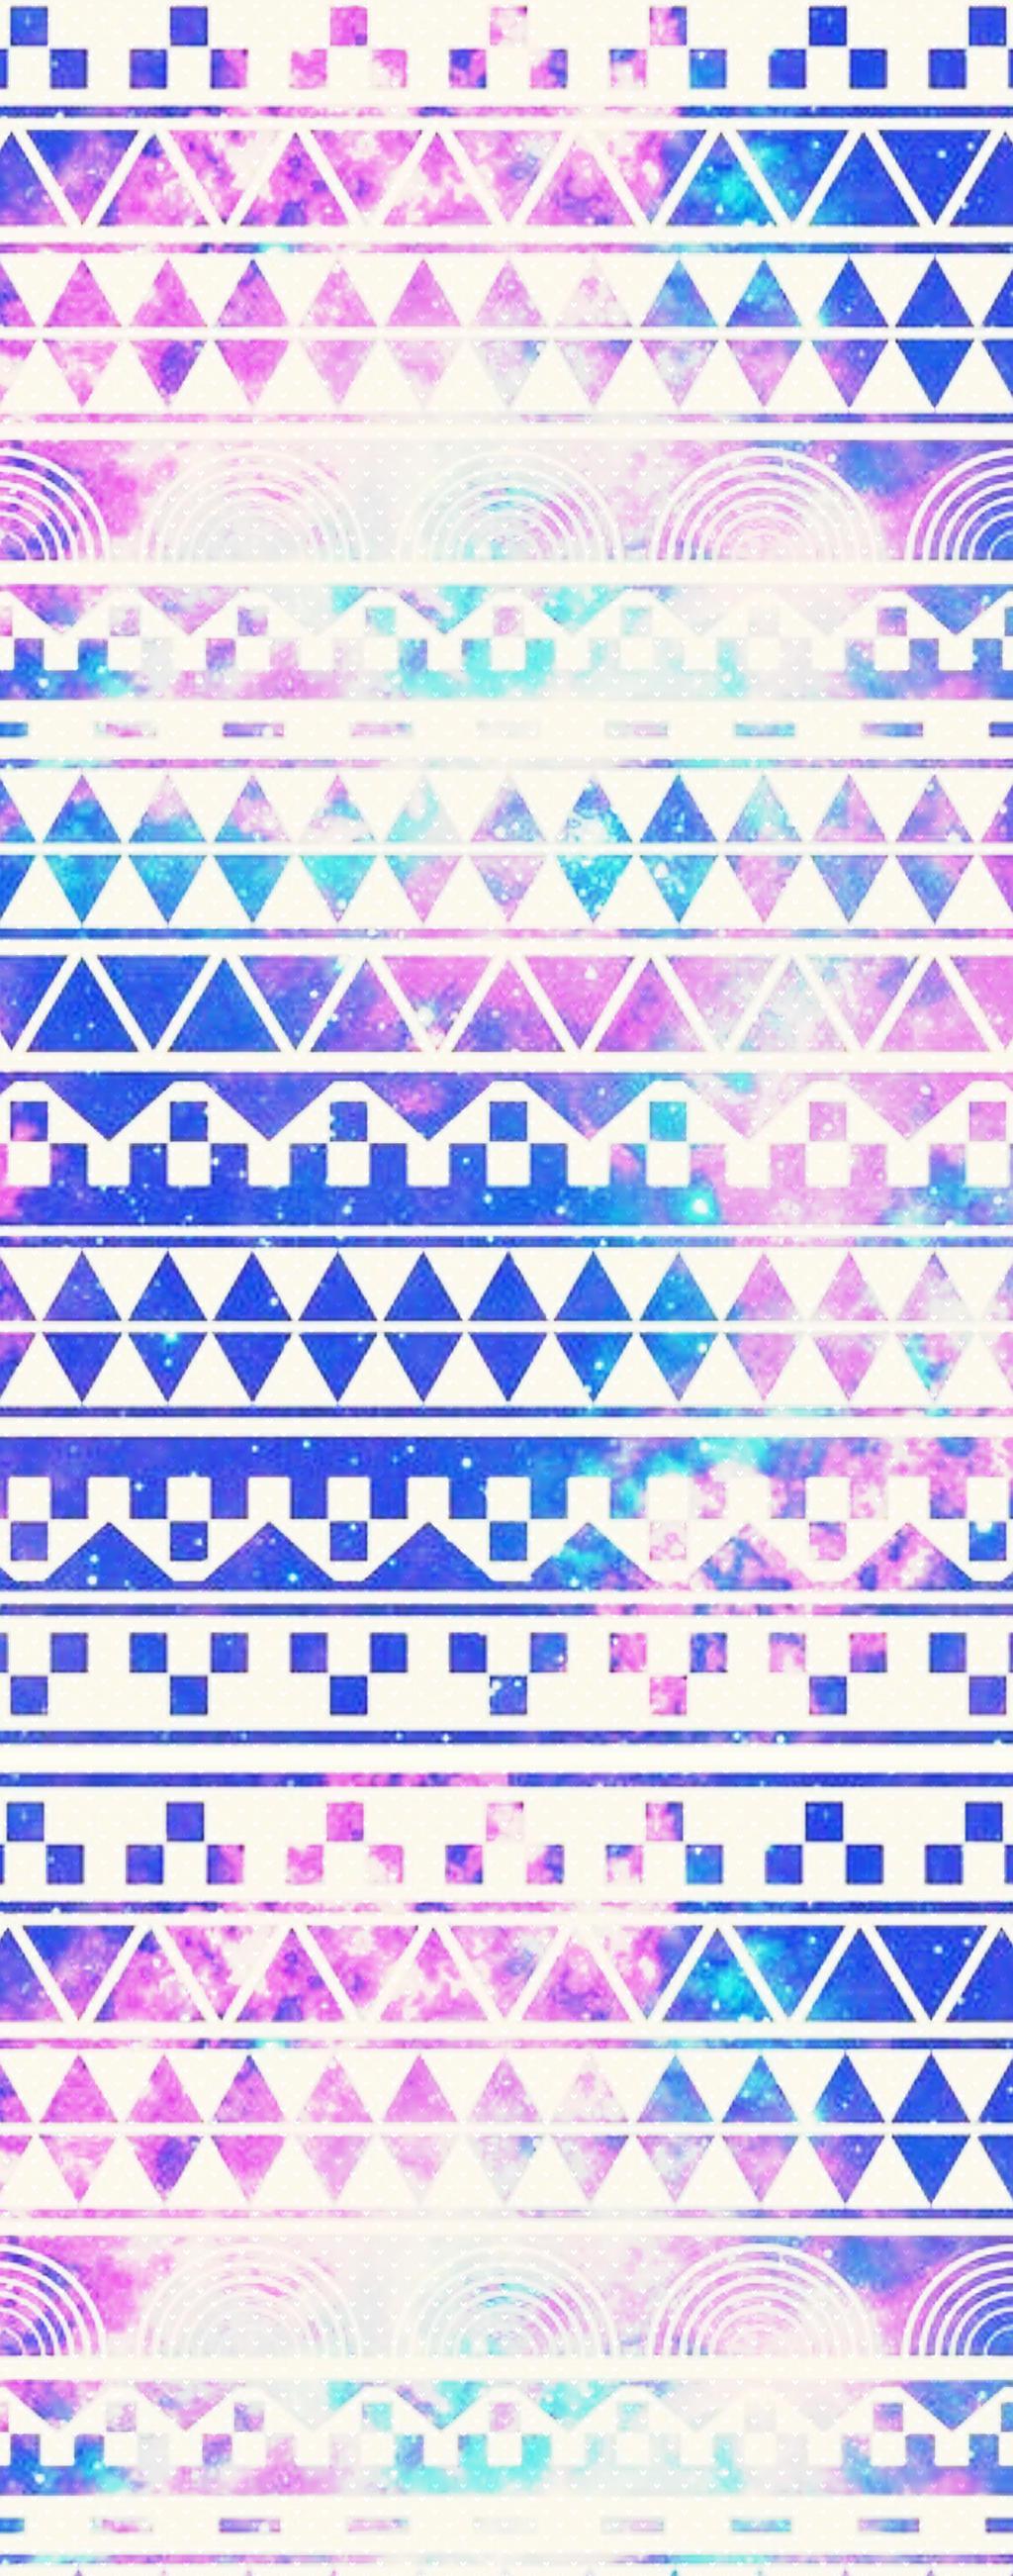 Custom Box Galaxy Aztec Background by LizzyWolfFire6